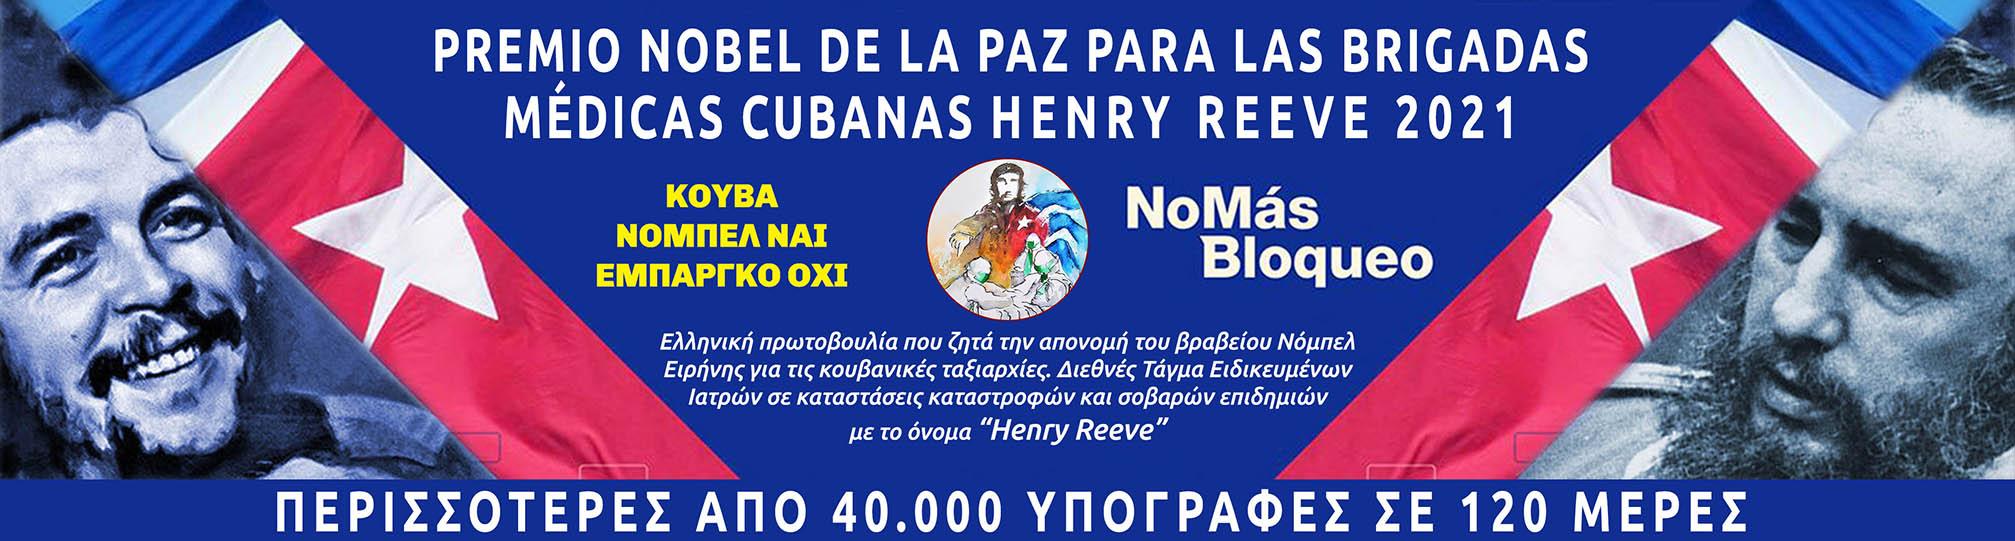 Premio Nobel de la Paz para las brigadas médicas cubanas Henry Reeve 2021 9